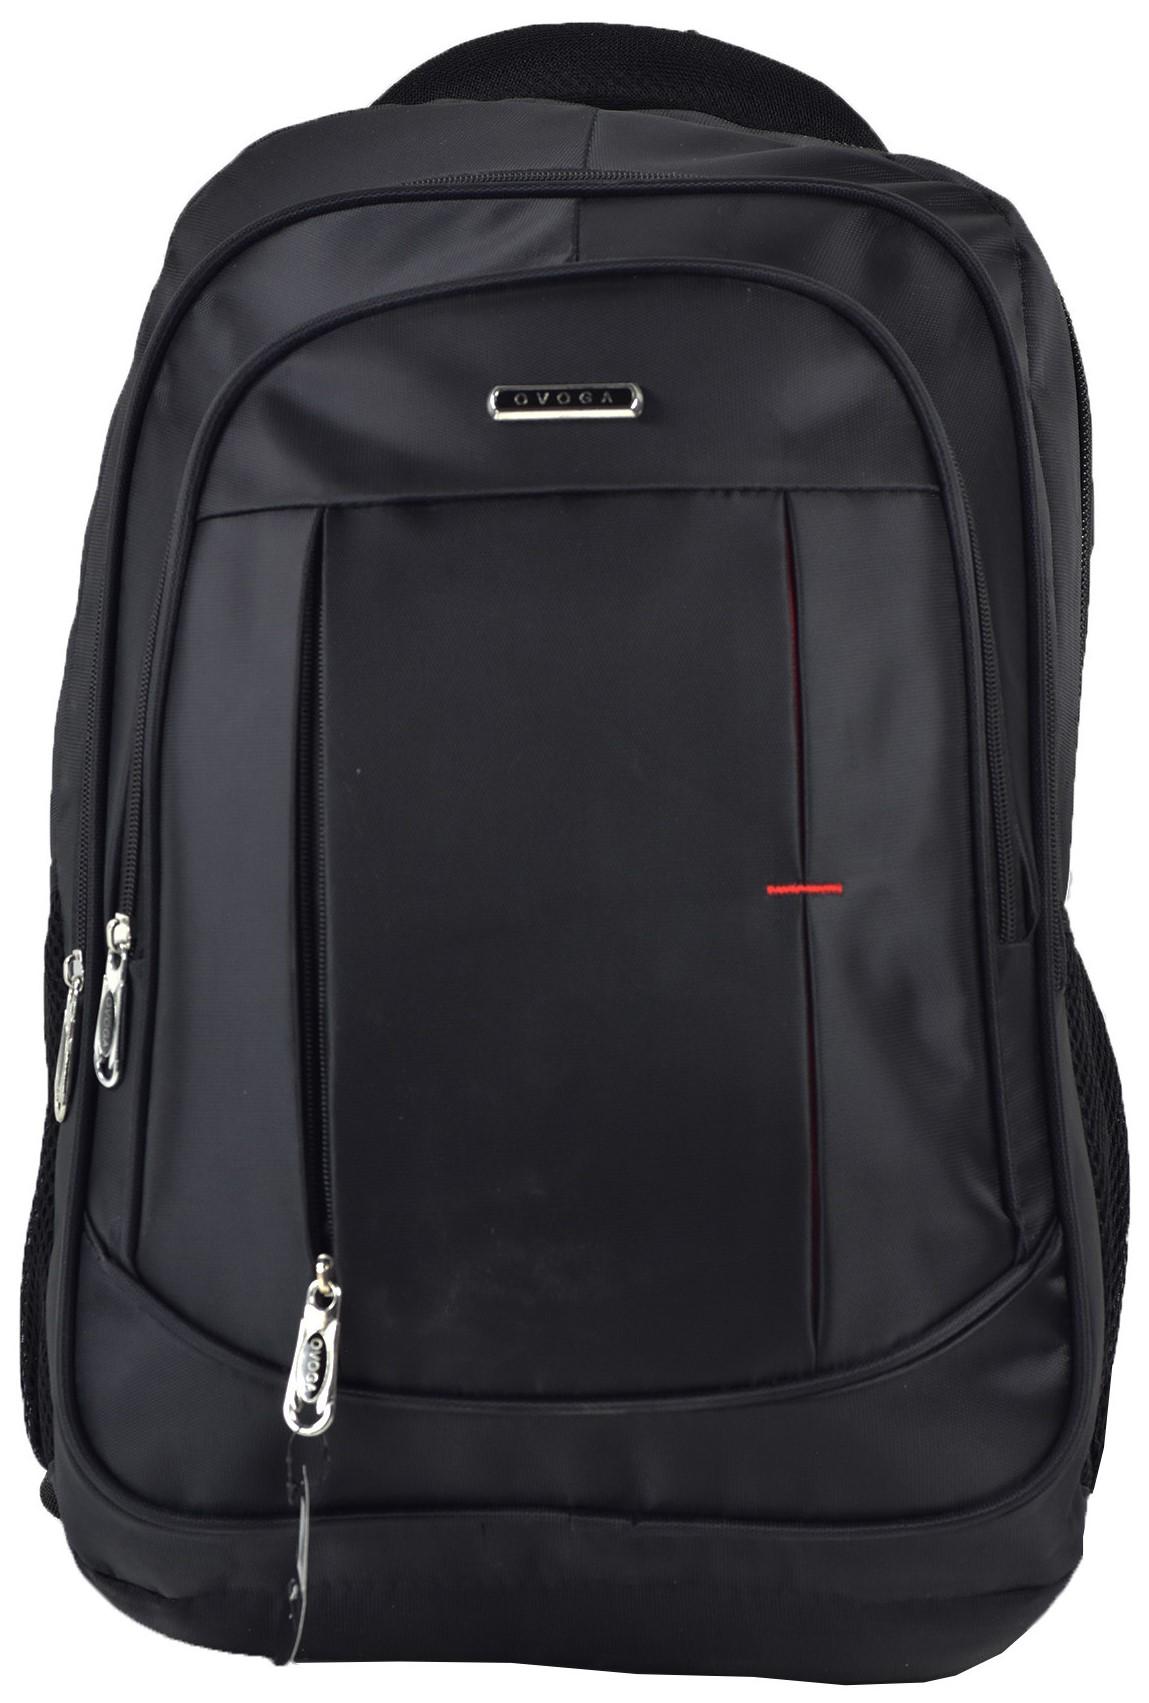 """Σακίδιο Πλάτης για Laptop 15,6"""" Colorlife V563 Μαύρο"""